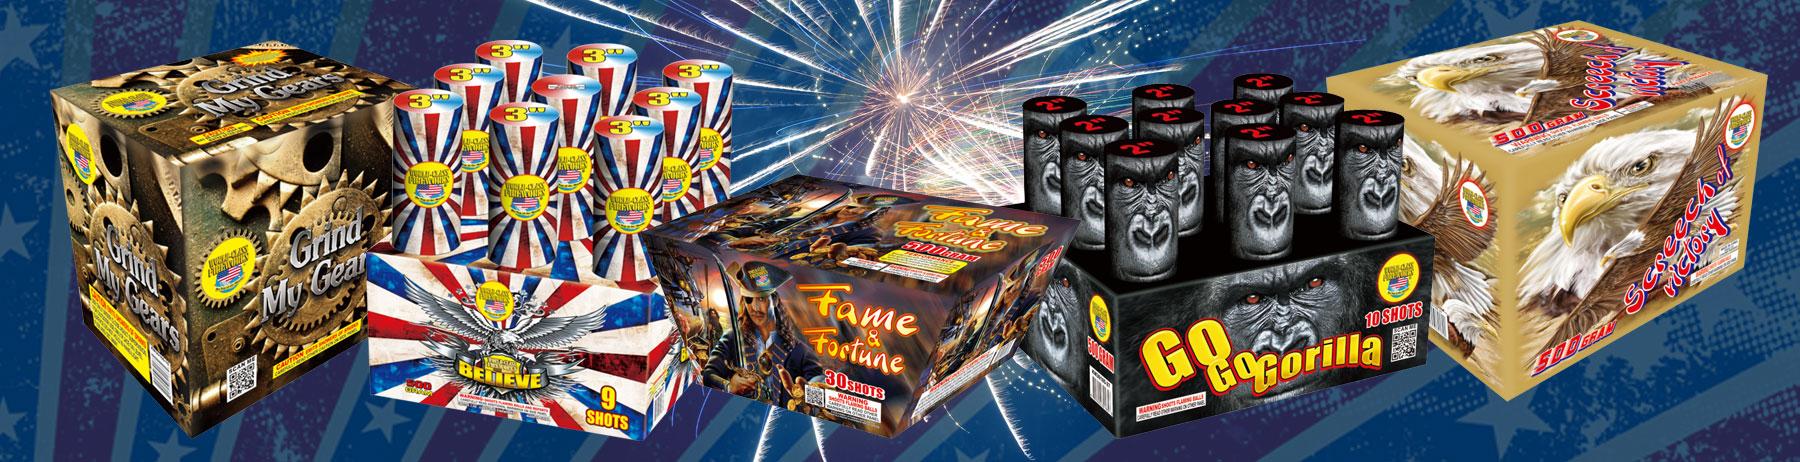 New Fireworks For 2016